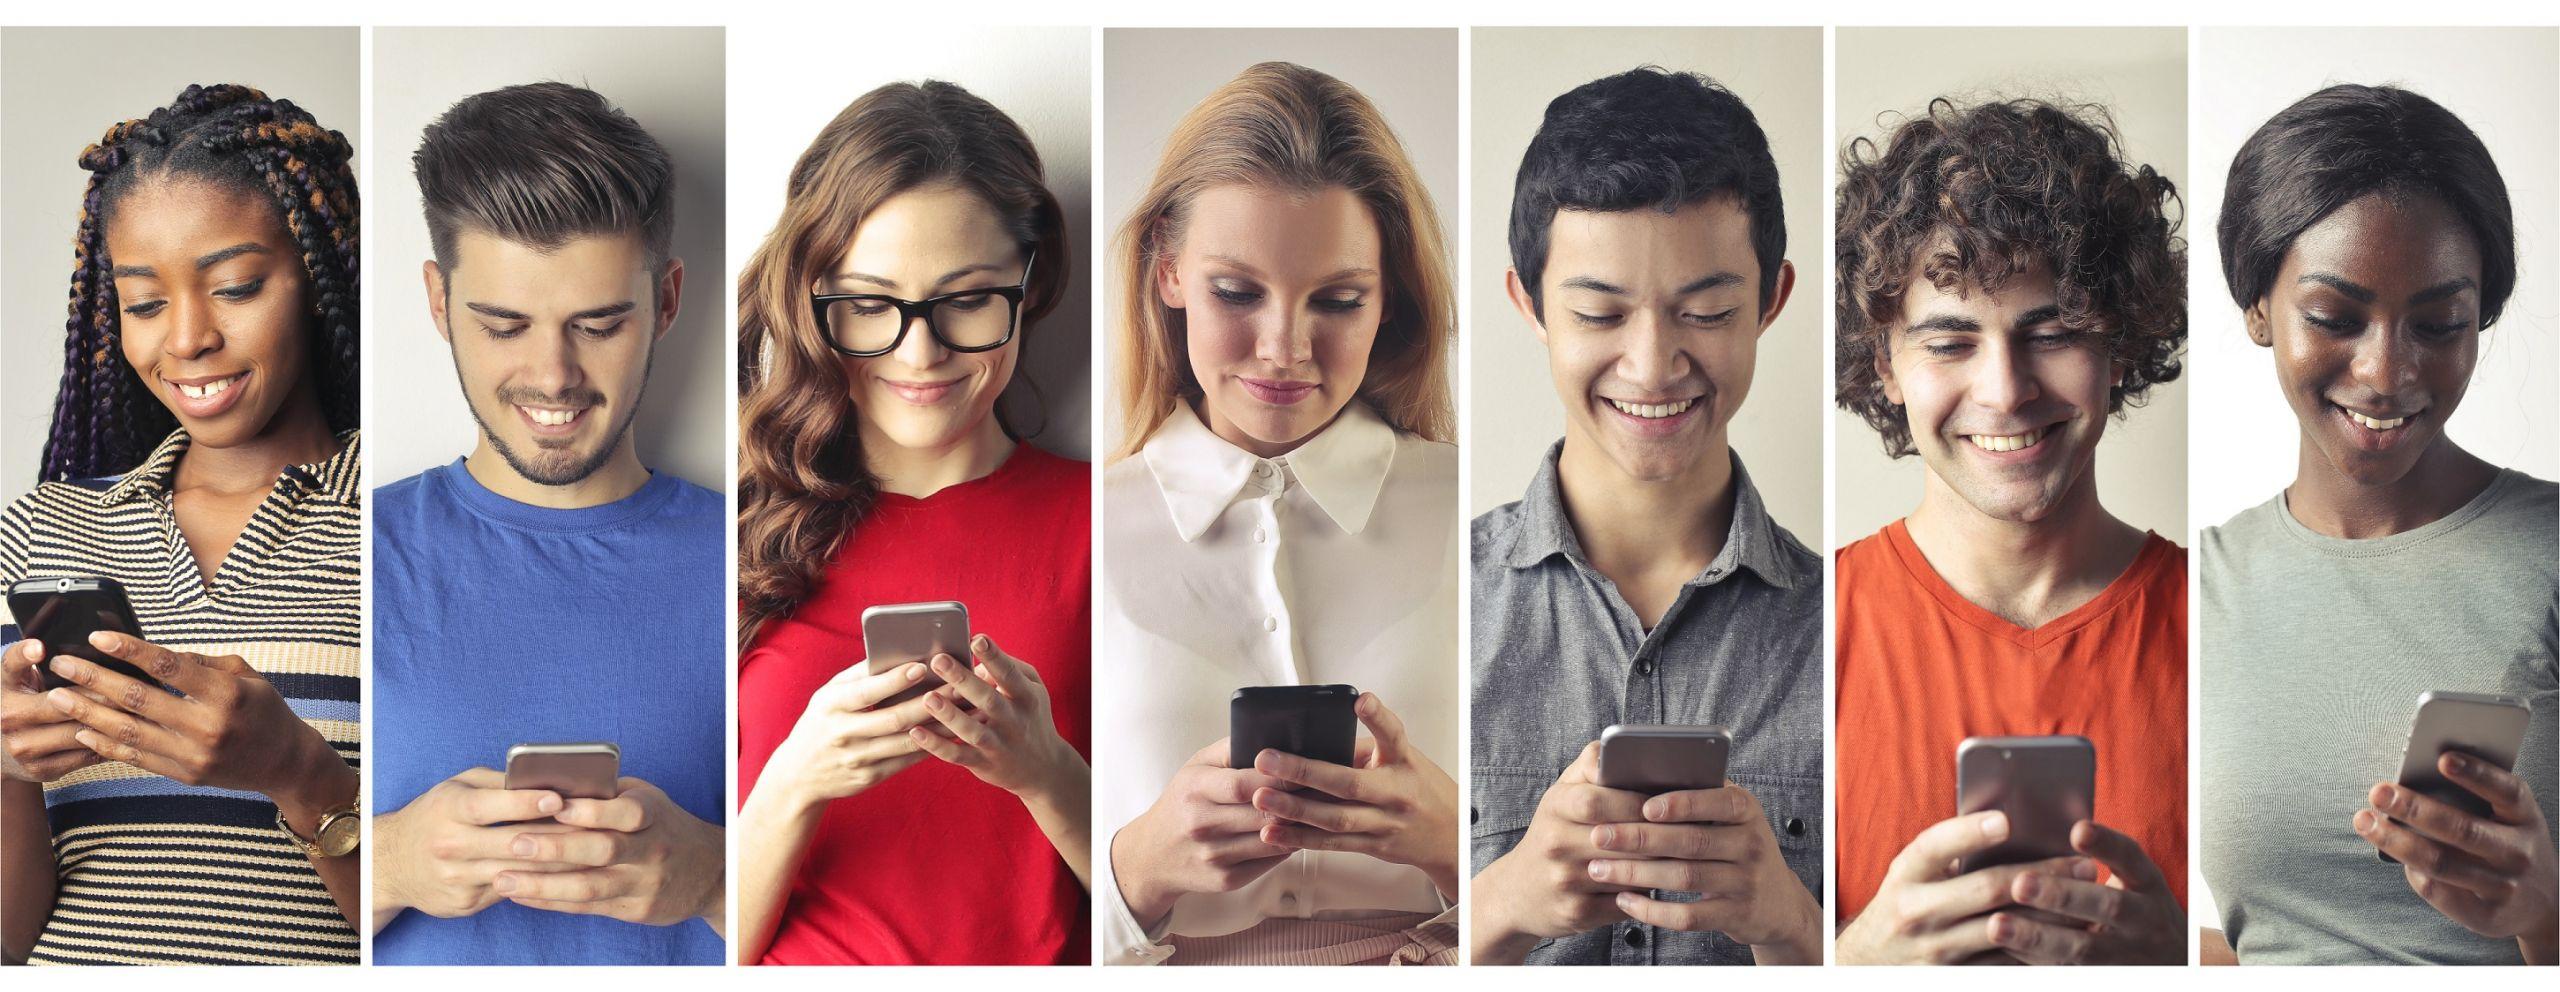 Nebeneinander in einer Reihe abgebildet sind jeweils sieben Jugendliche zum Teil mit einem Lächeln. Jeder hält sein Handy in der Hand und schaut darauf.